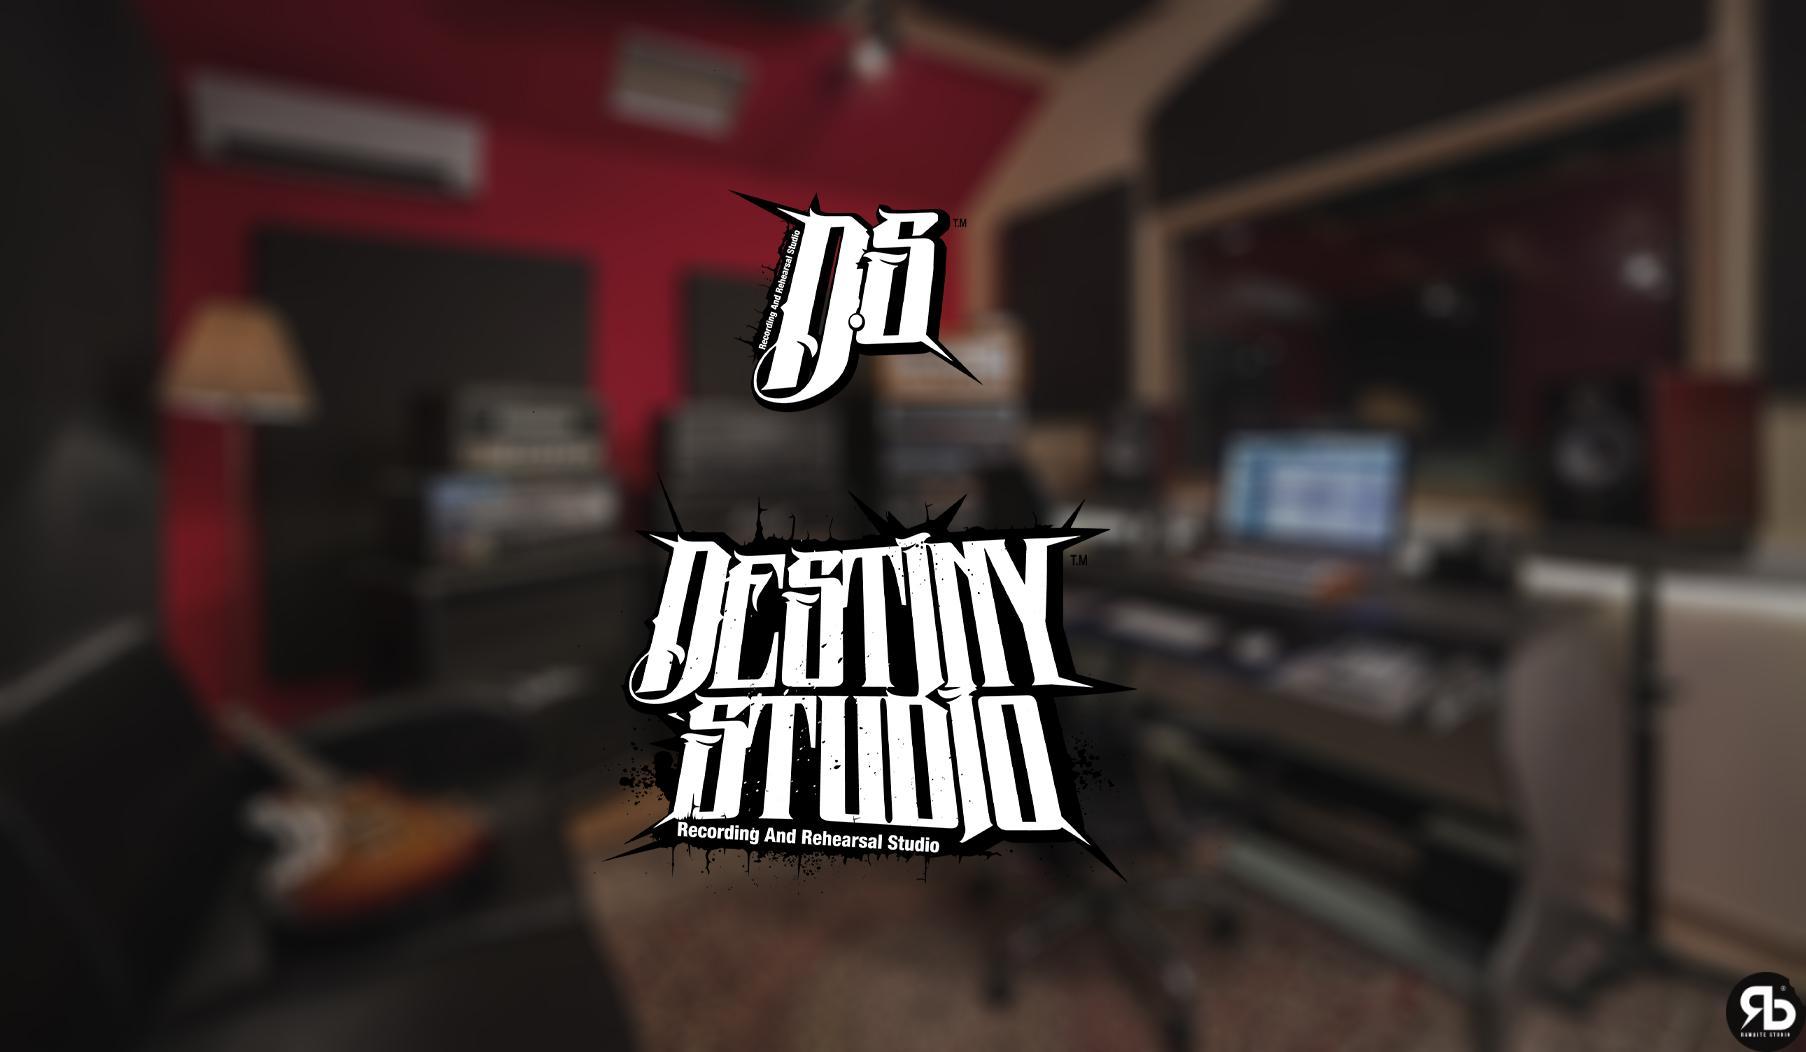 Destiny STudio